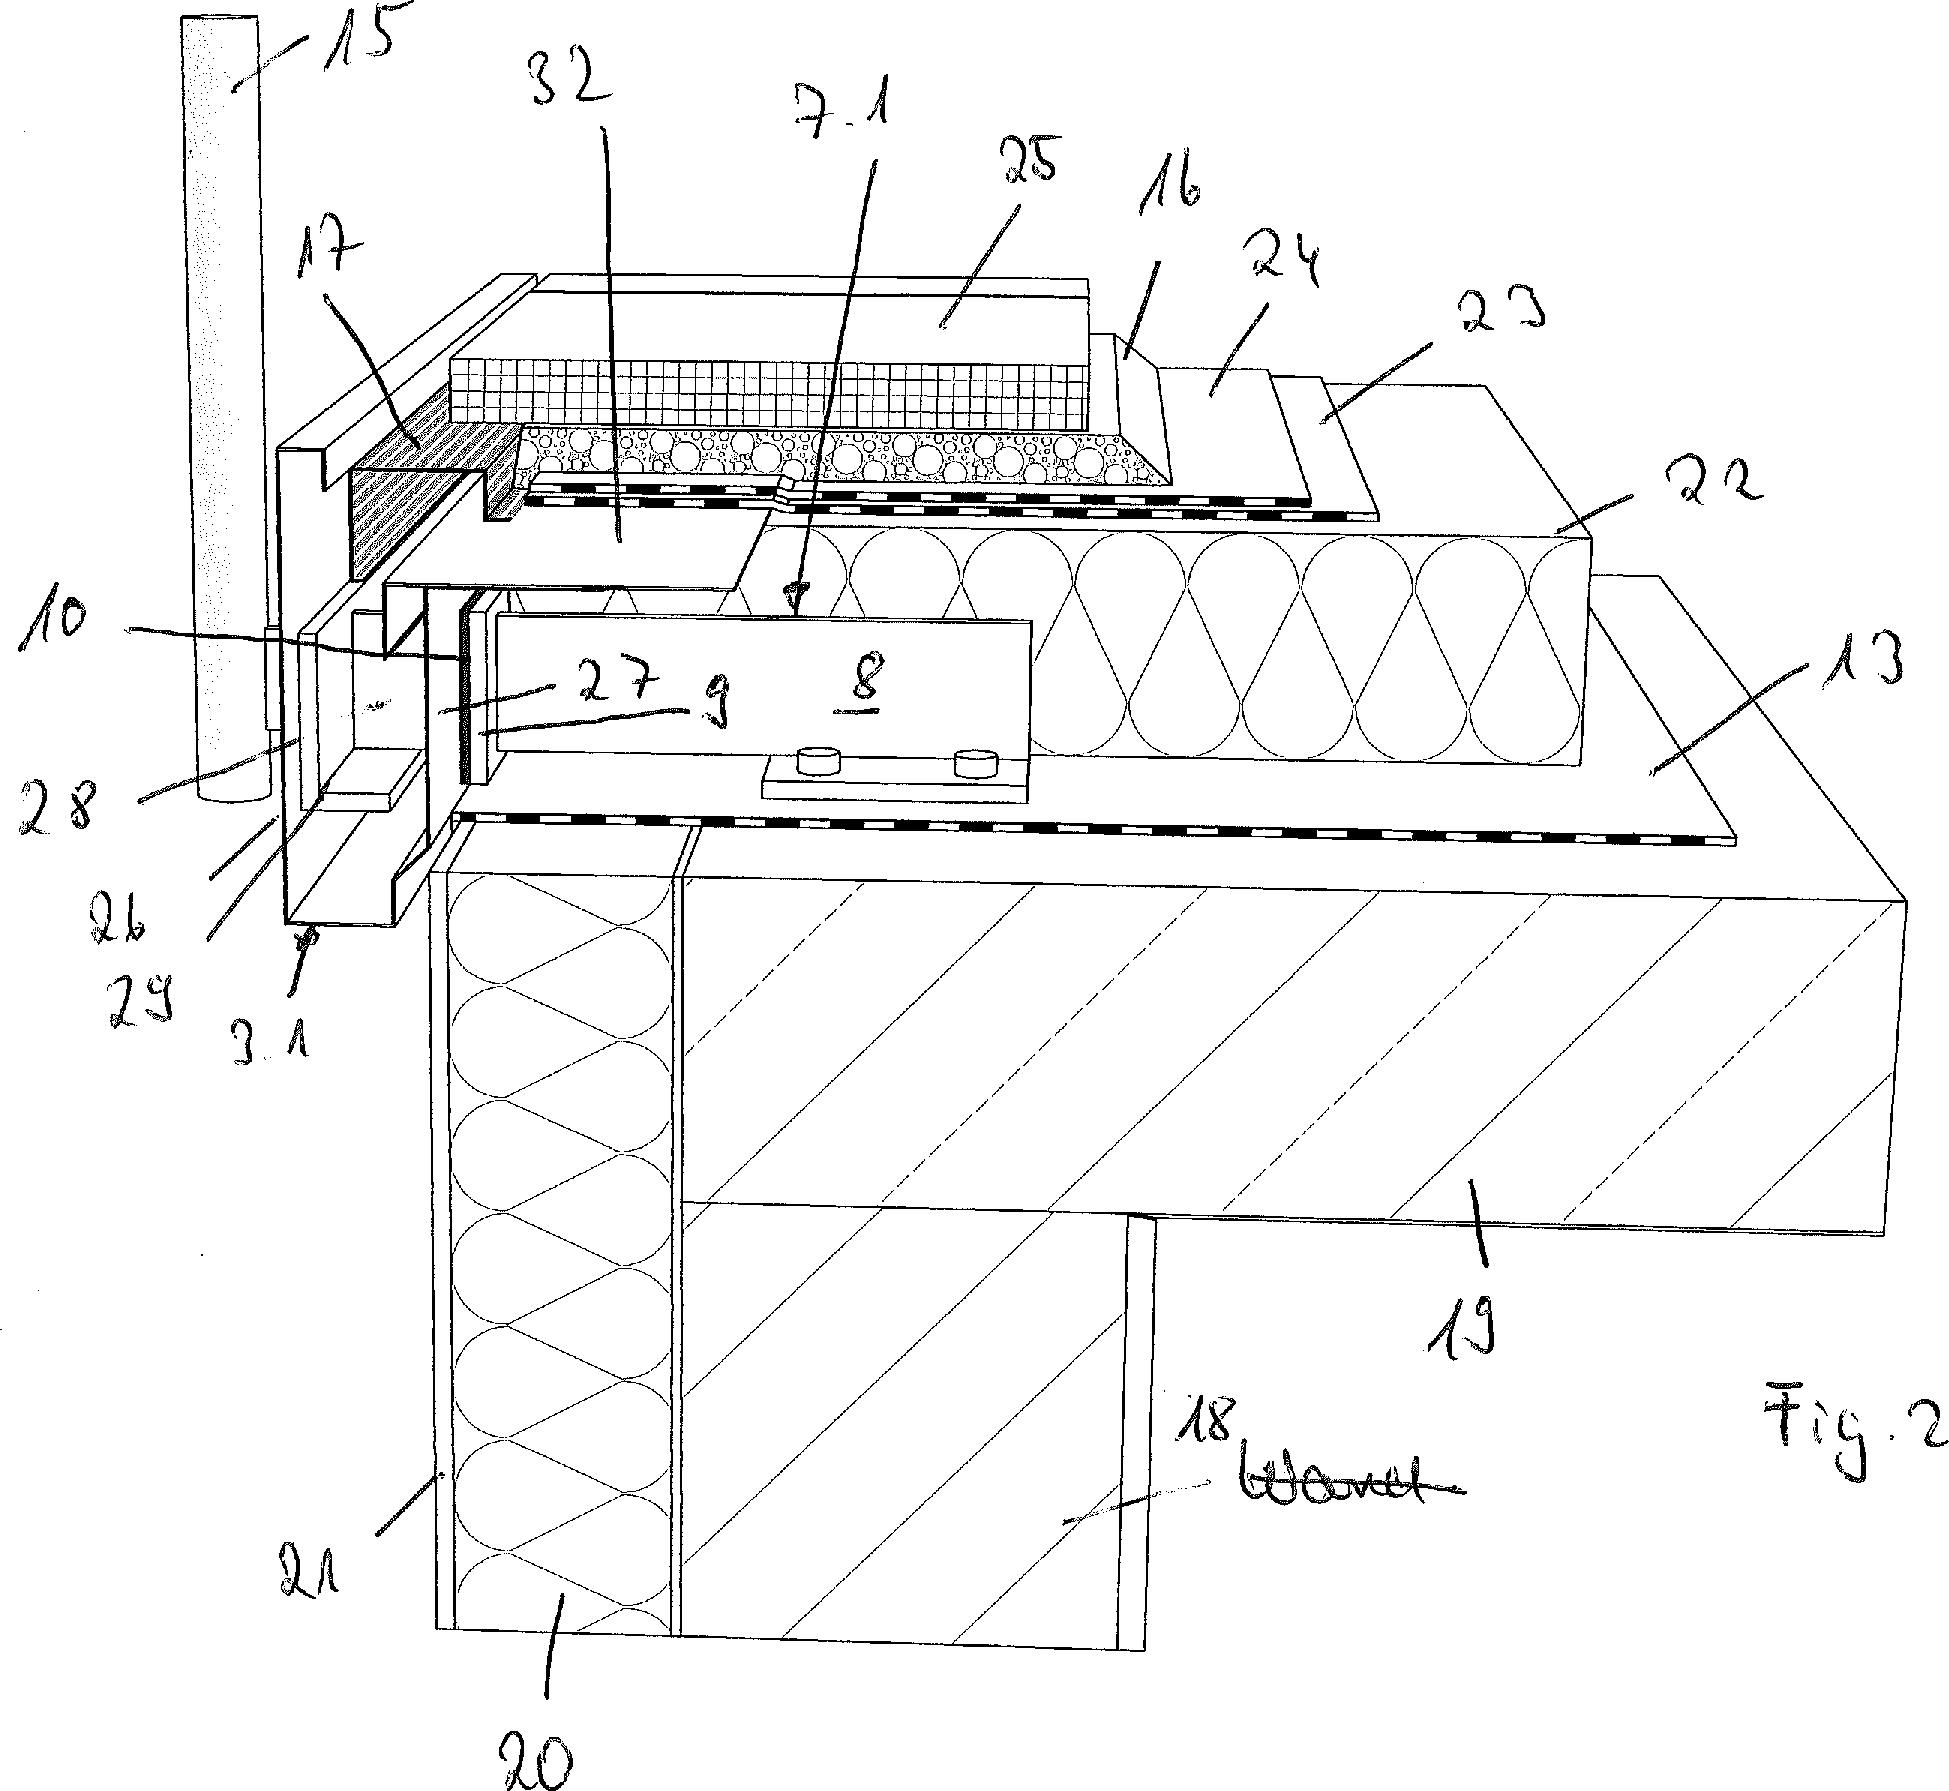 Balkongeländer Befestigung Unterseite patent de102013102617a1 verfahren zum abschirmen einer freien